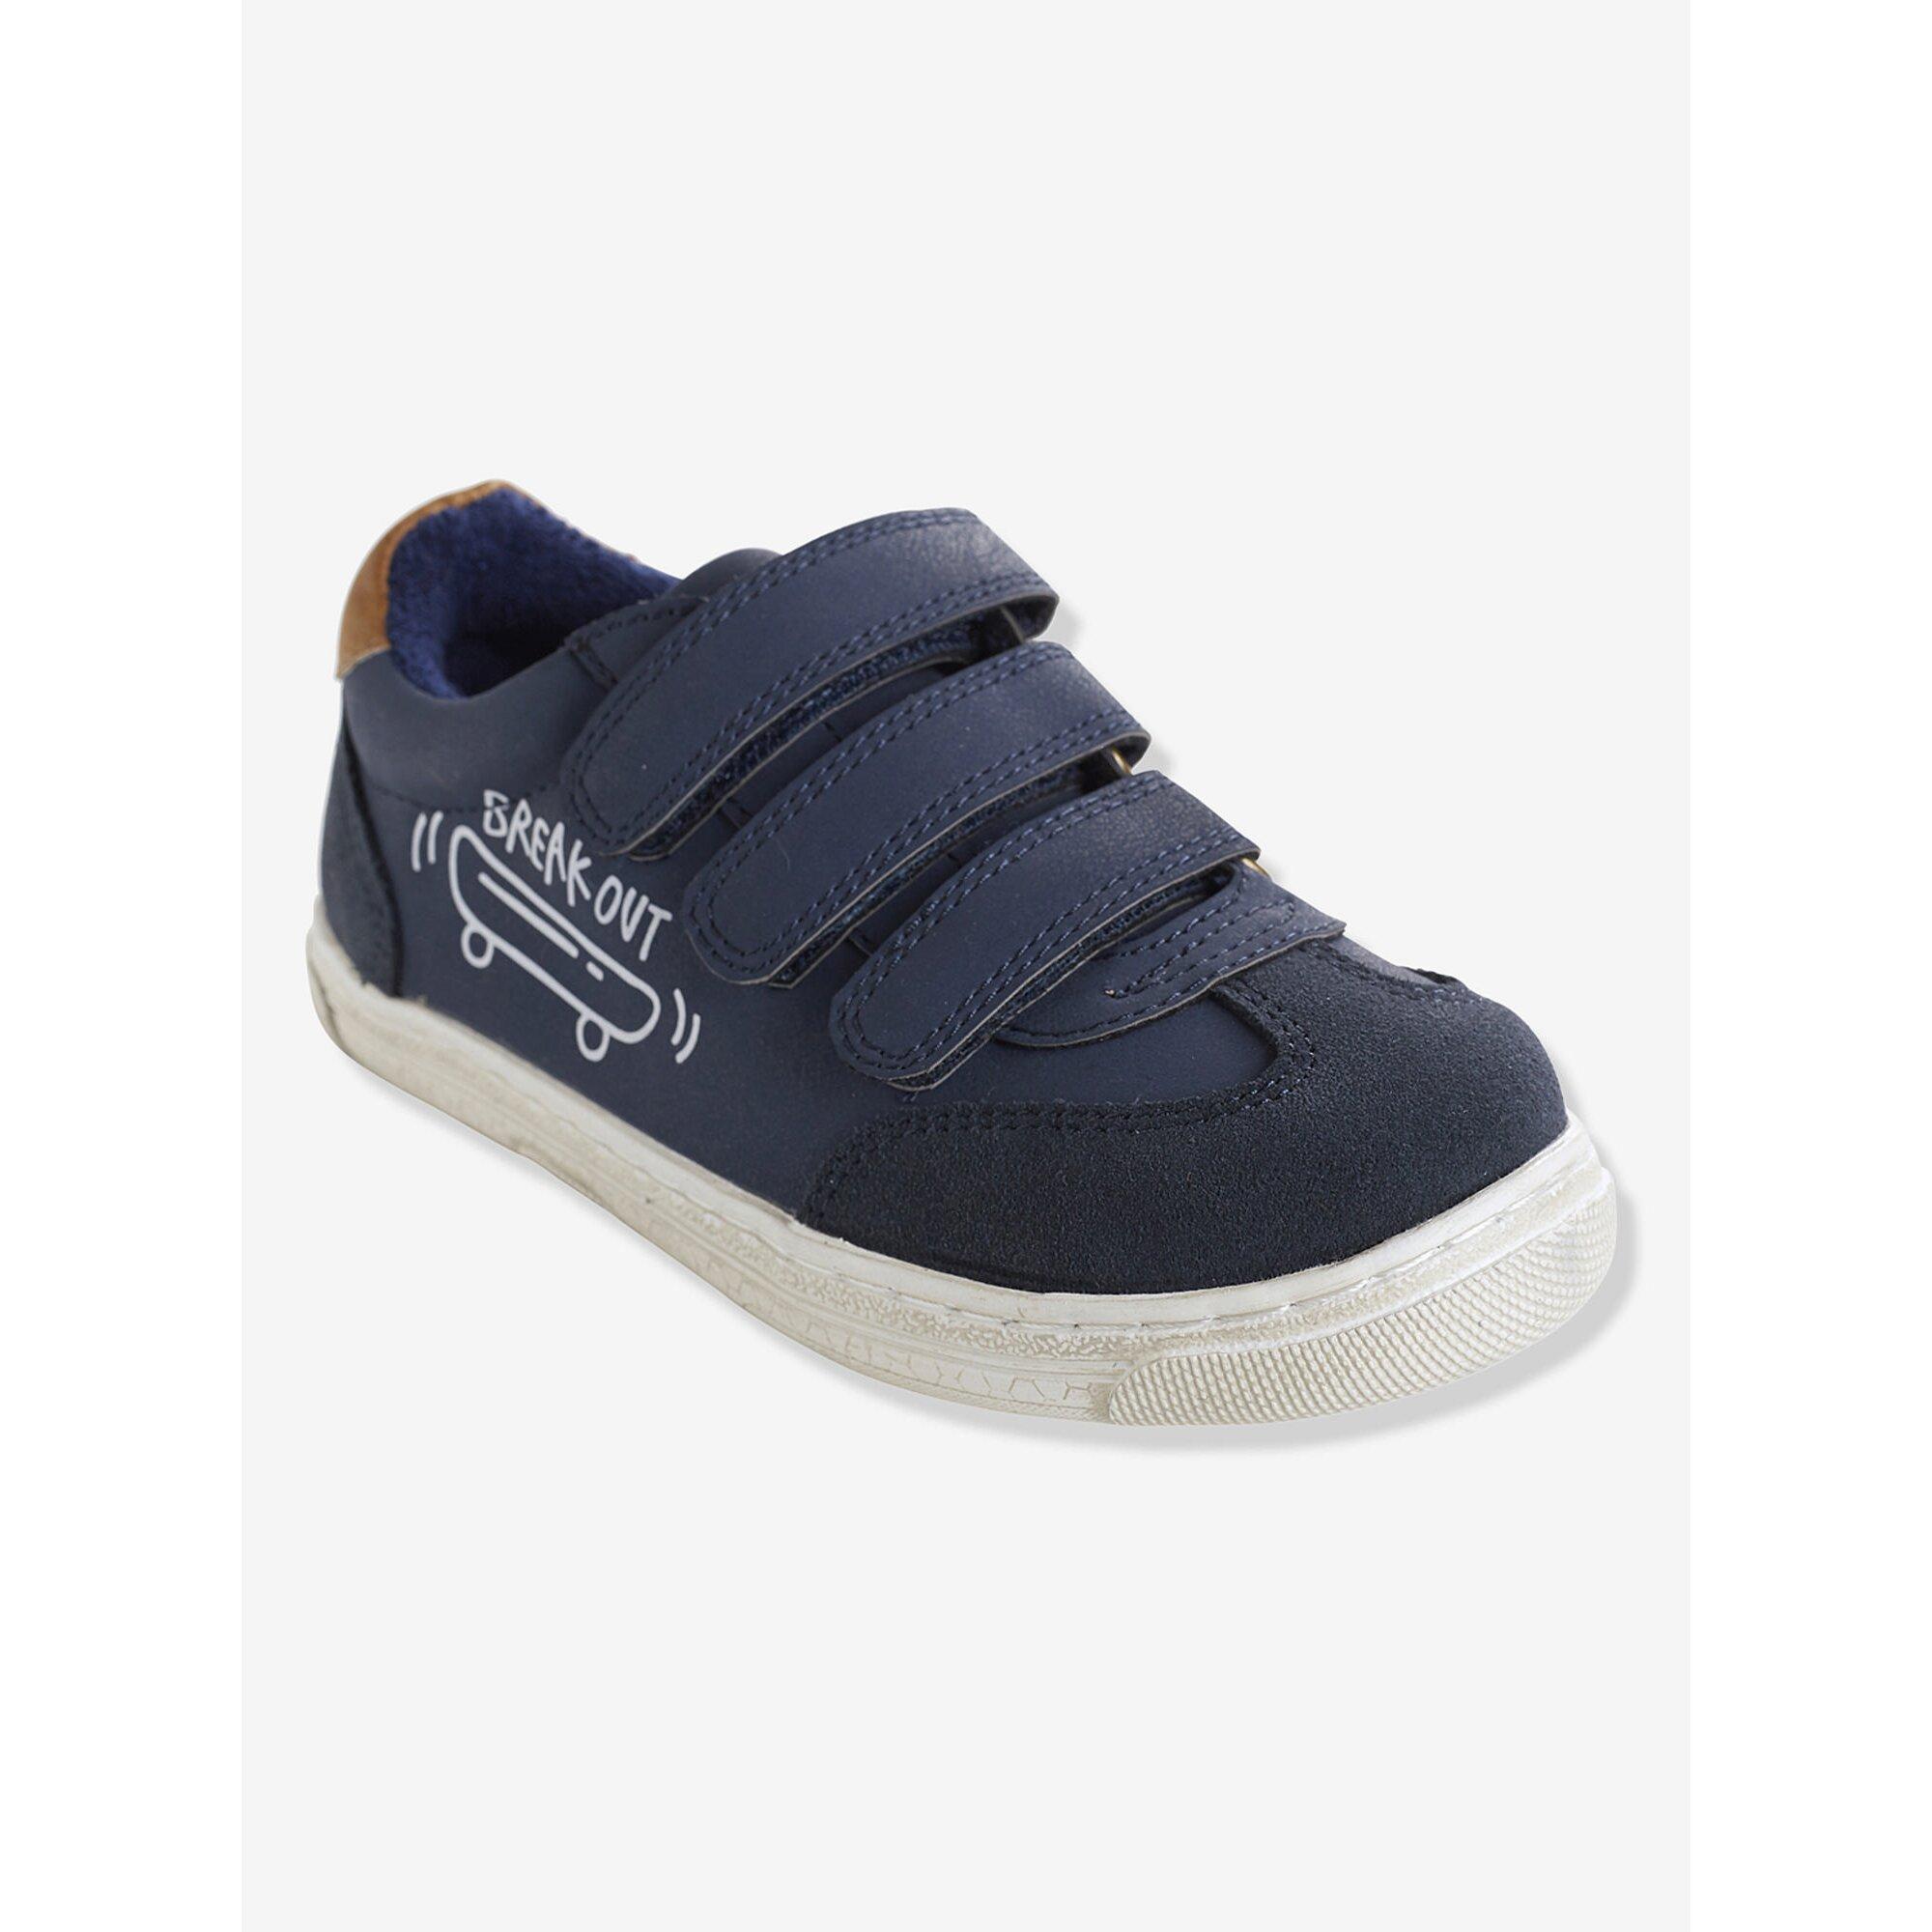 Vertbaudet Sneakers für Kinder Klett